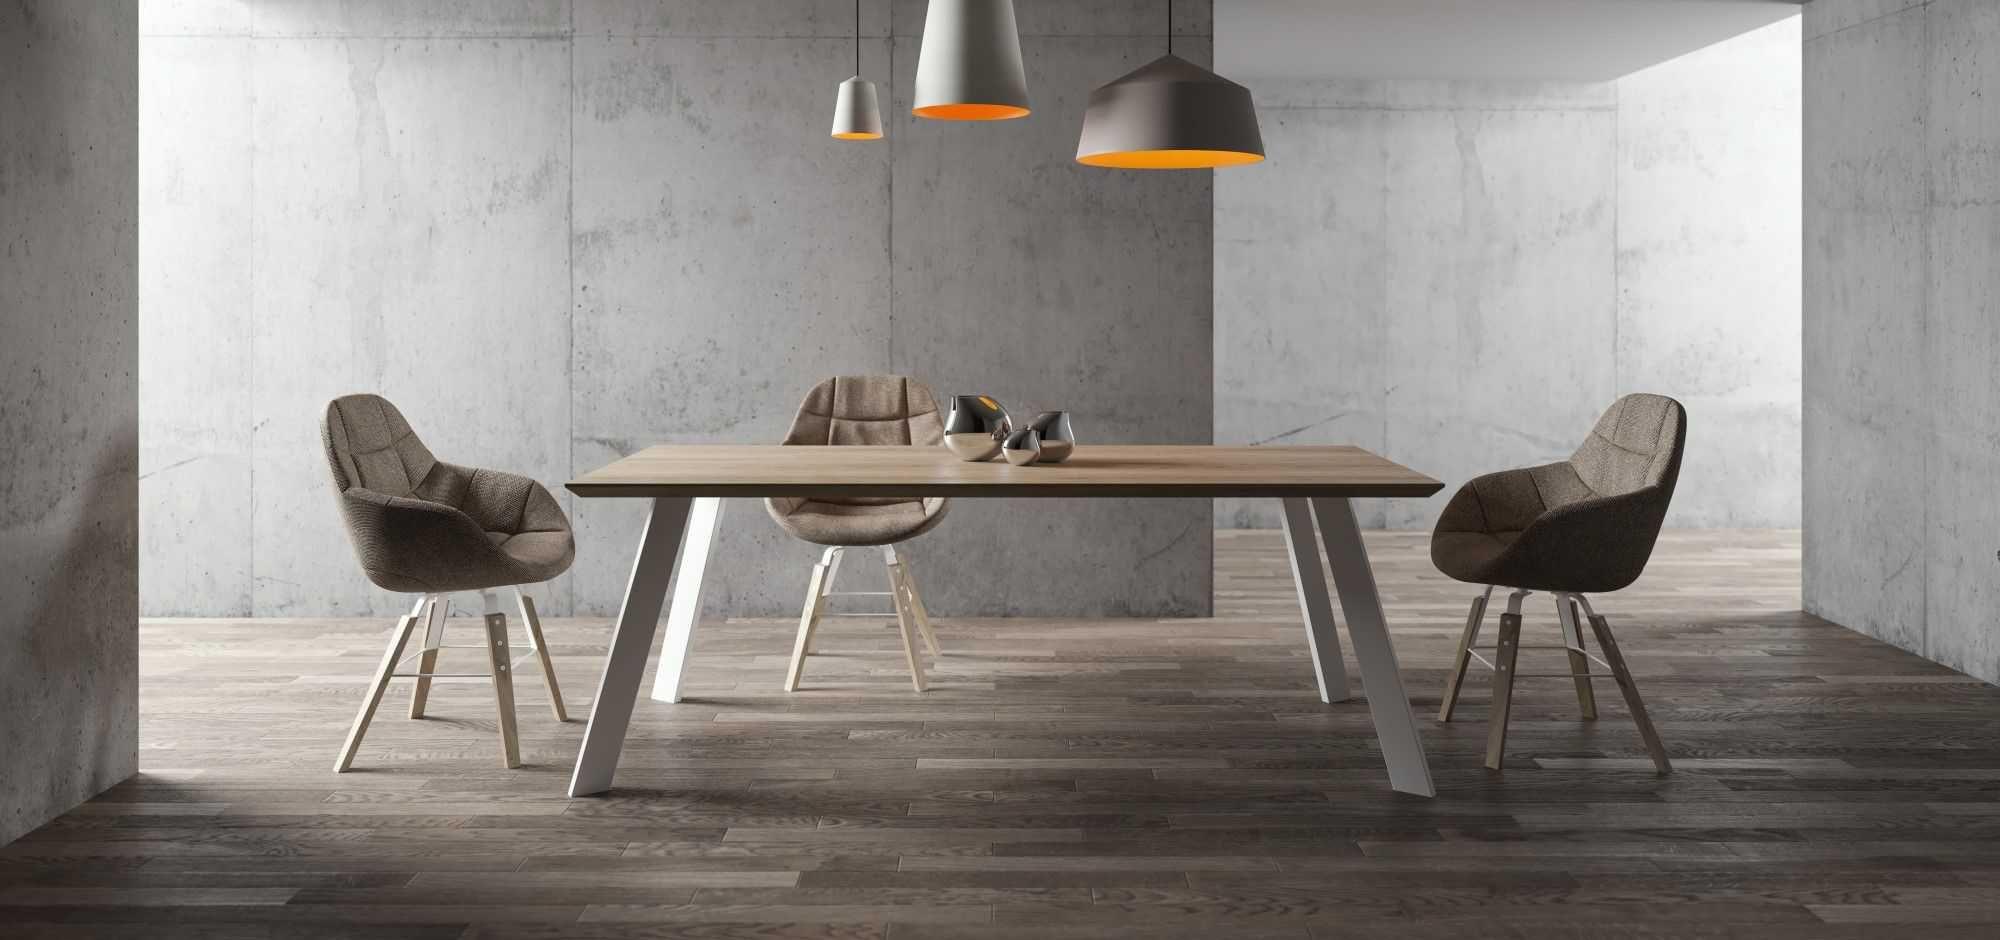 loftowy stół rozkładany - take me HOME